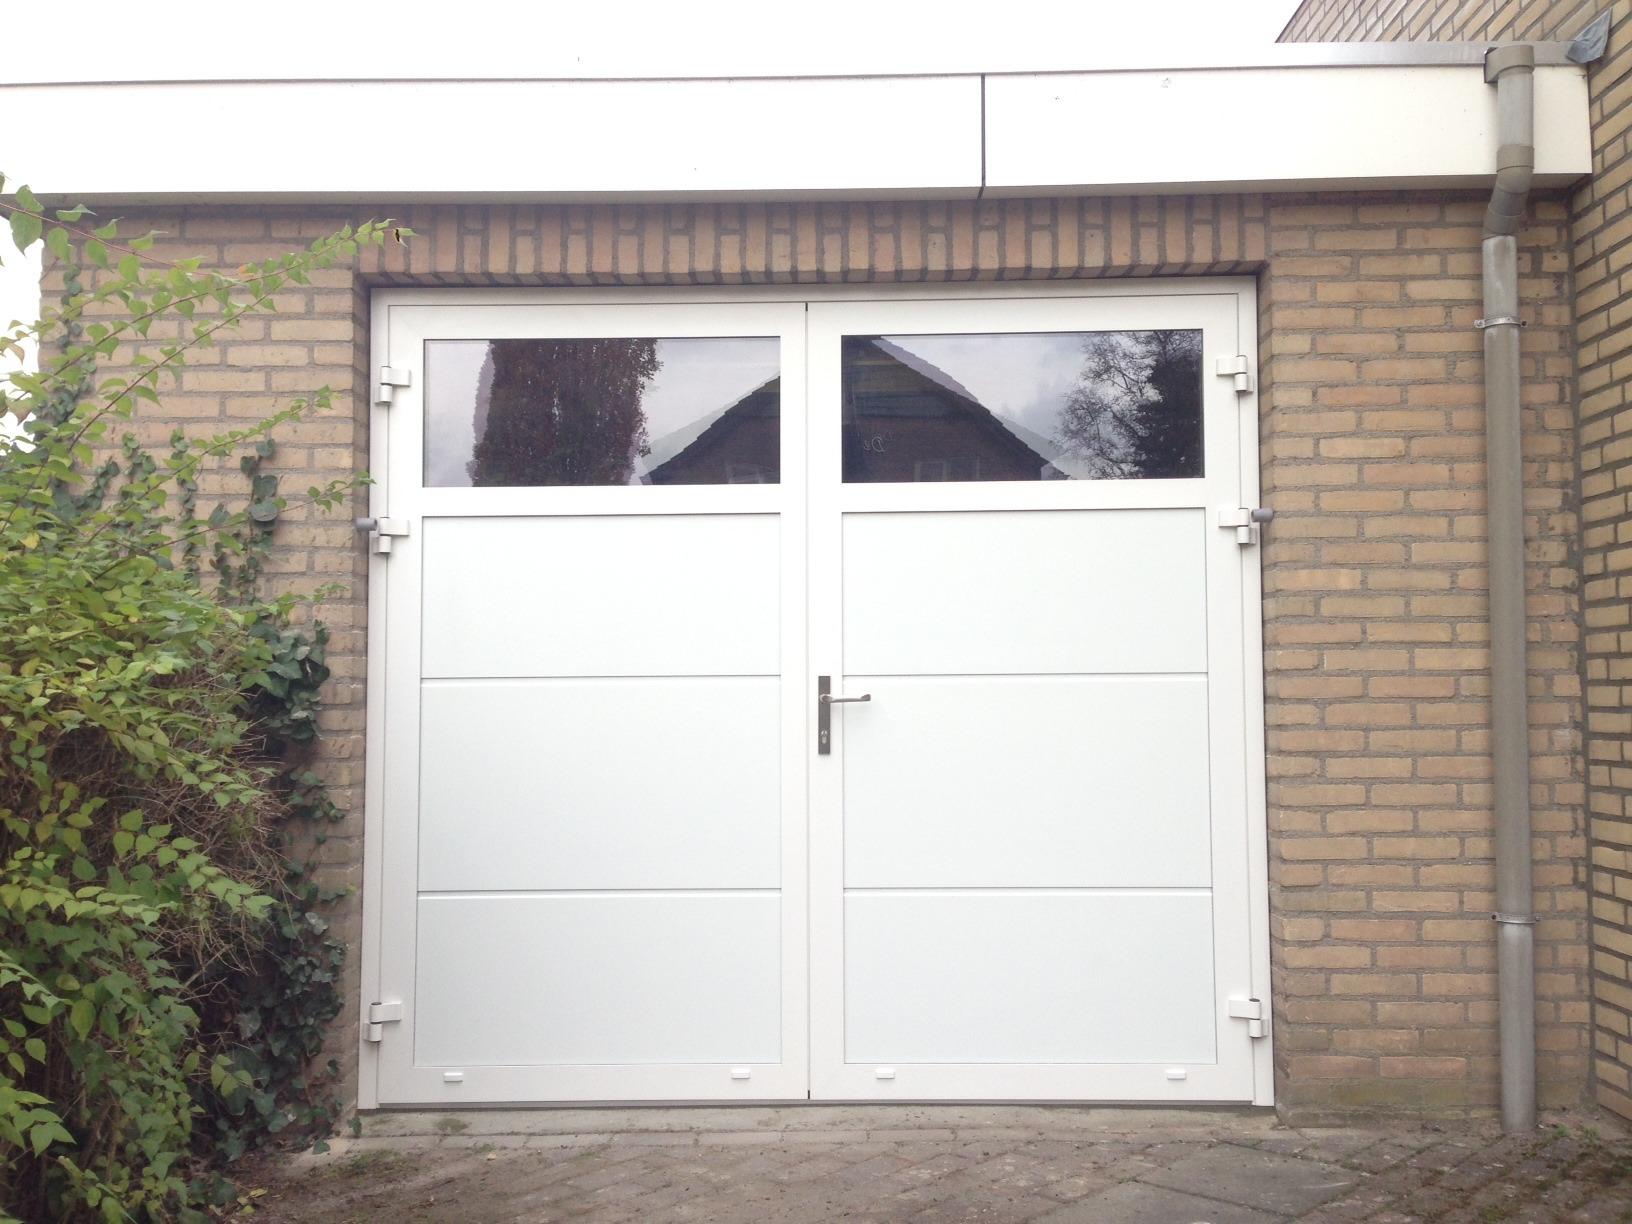 1224 #7D674E  Garagedeur Sint Odiliënberg Different Doors Garagedeuren image Garage Doors Delaware 37431632